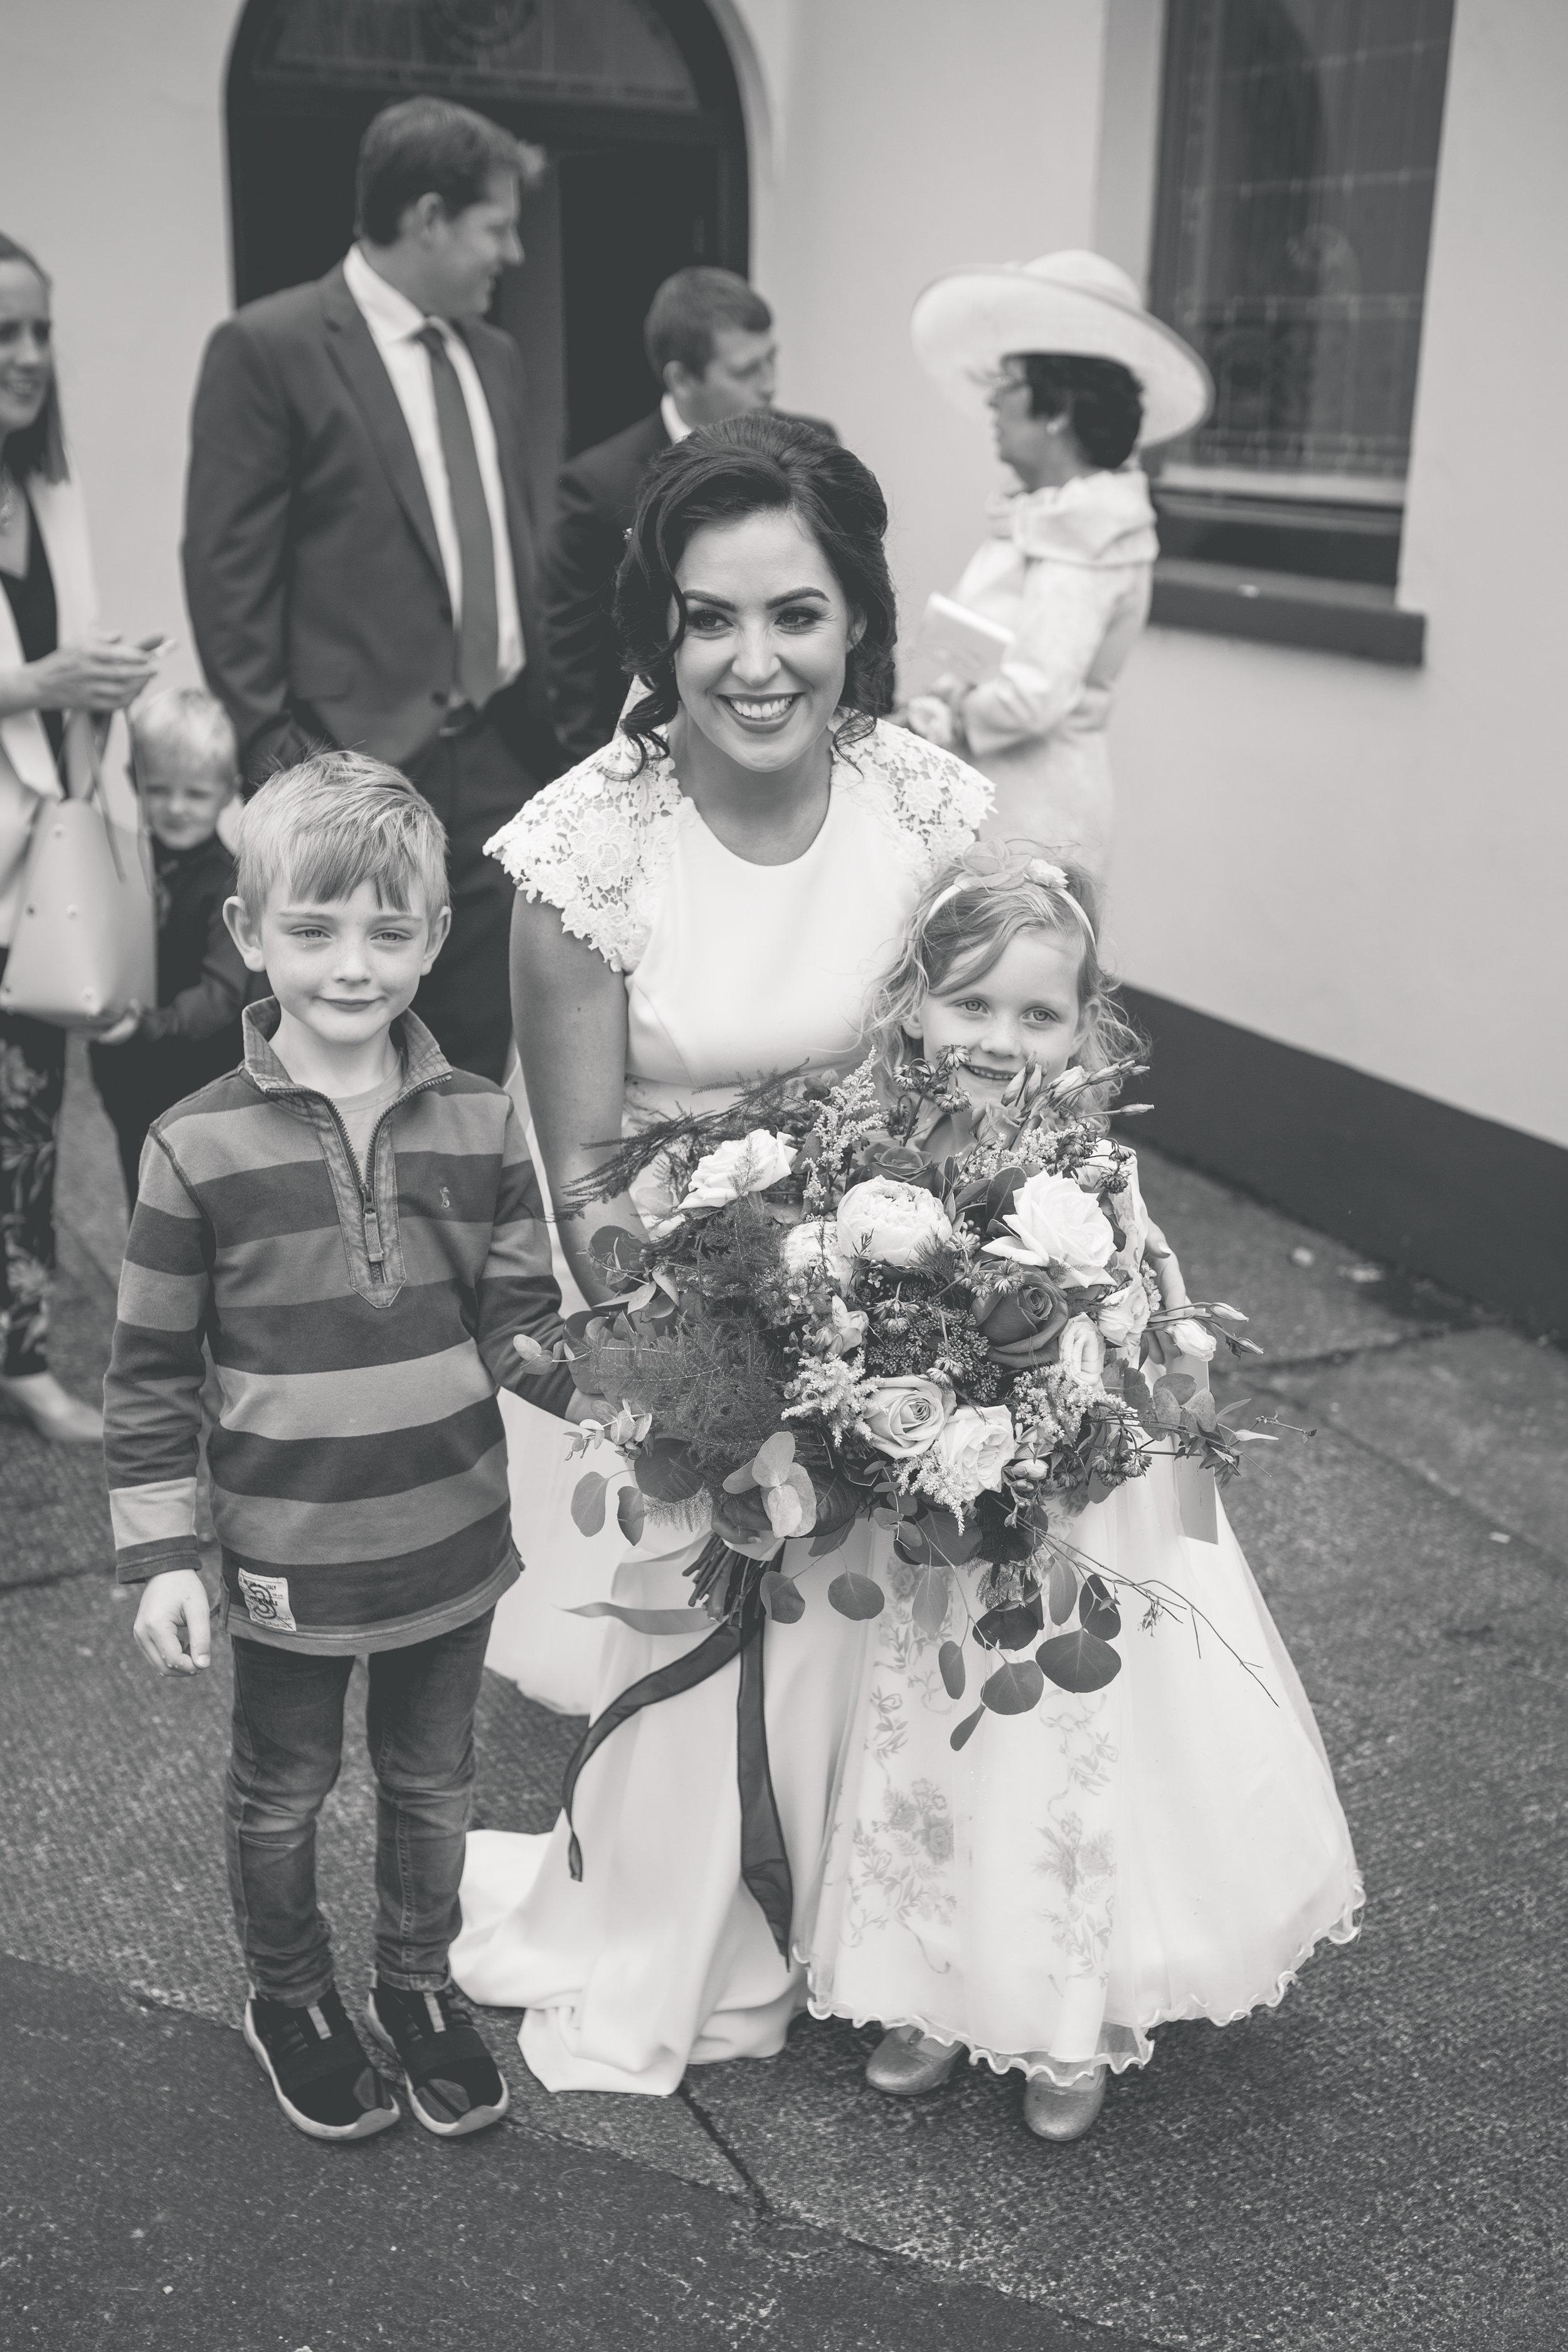 Brian McEwan Wedding Photography   Carol-Anne & Sean   The Ceremony-151.jpg